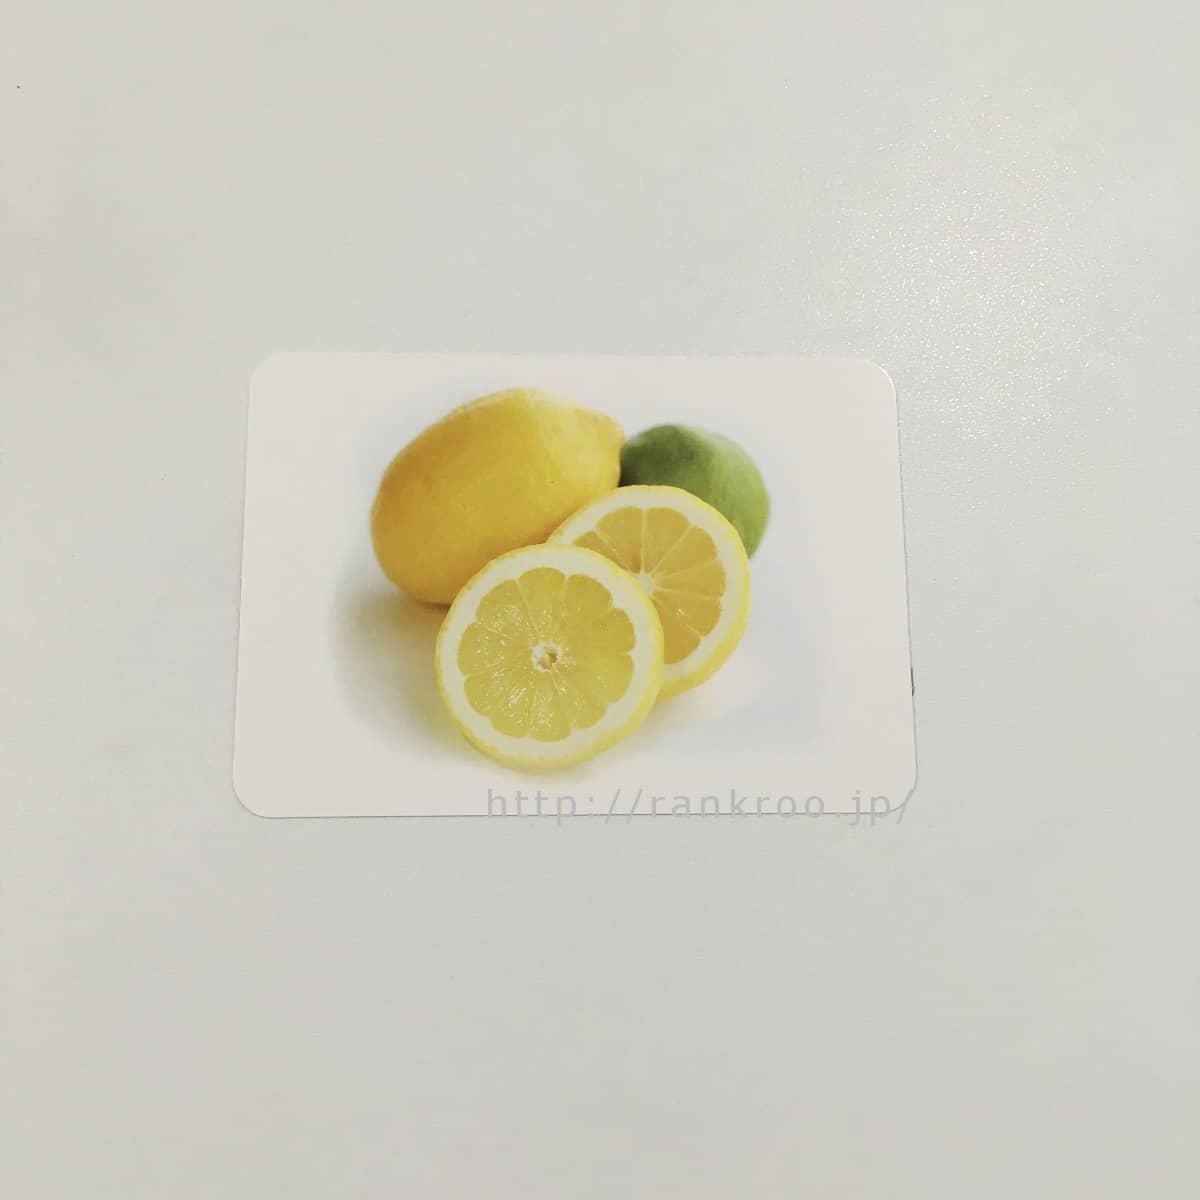 レモン写真